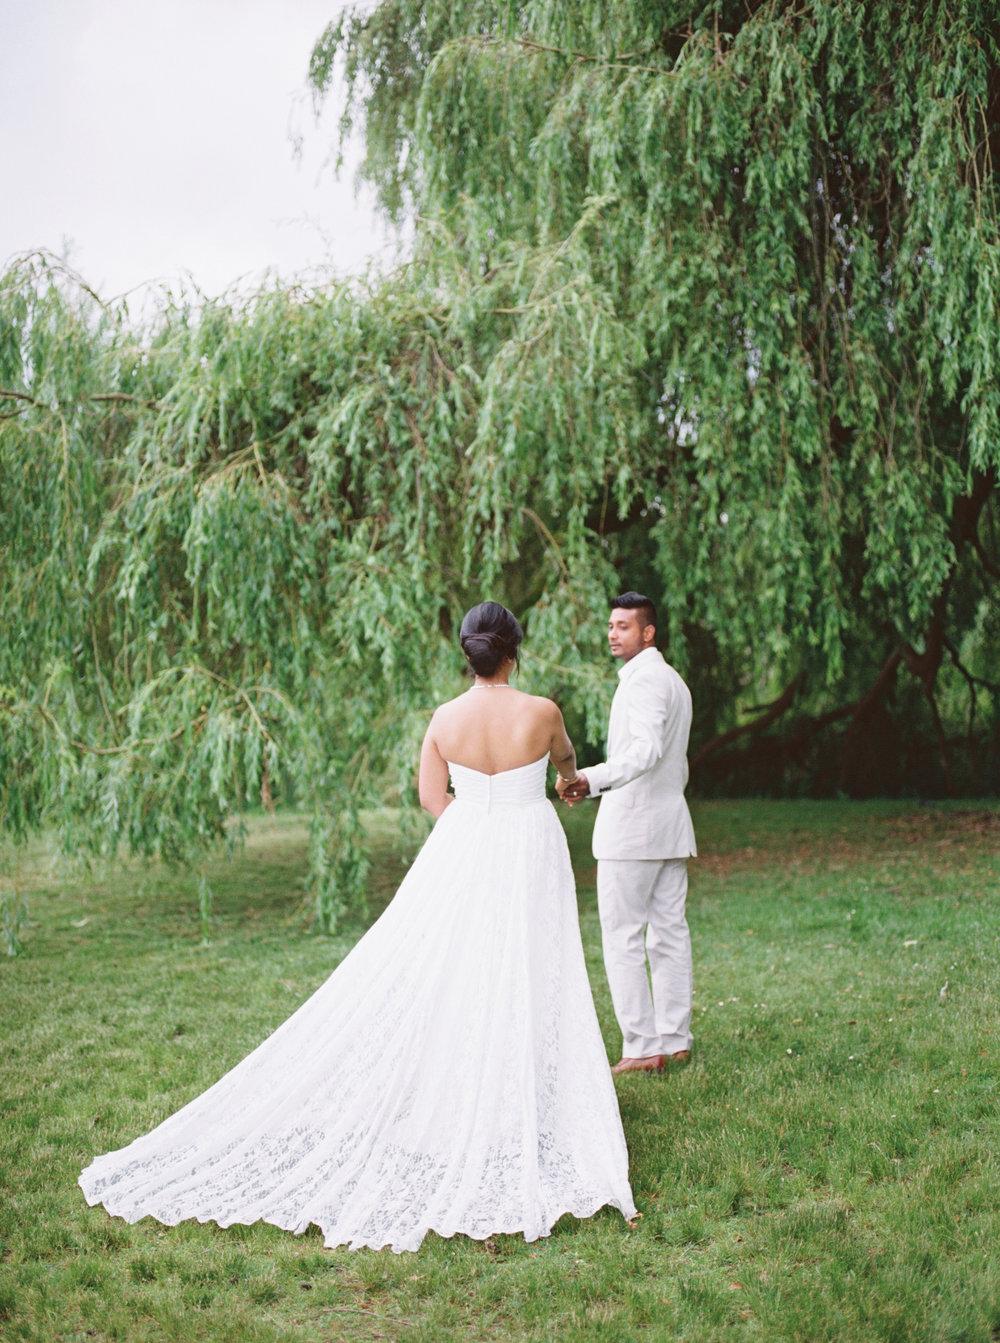 Shalene&Roneel_Wedding_JenzelVeloPhotography170.jpg